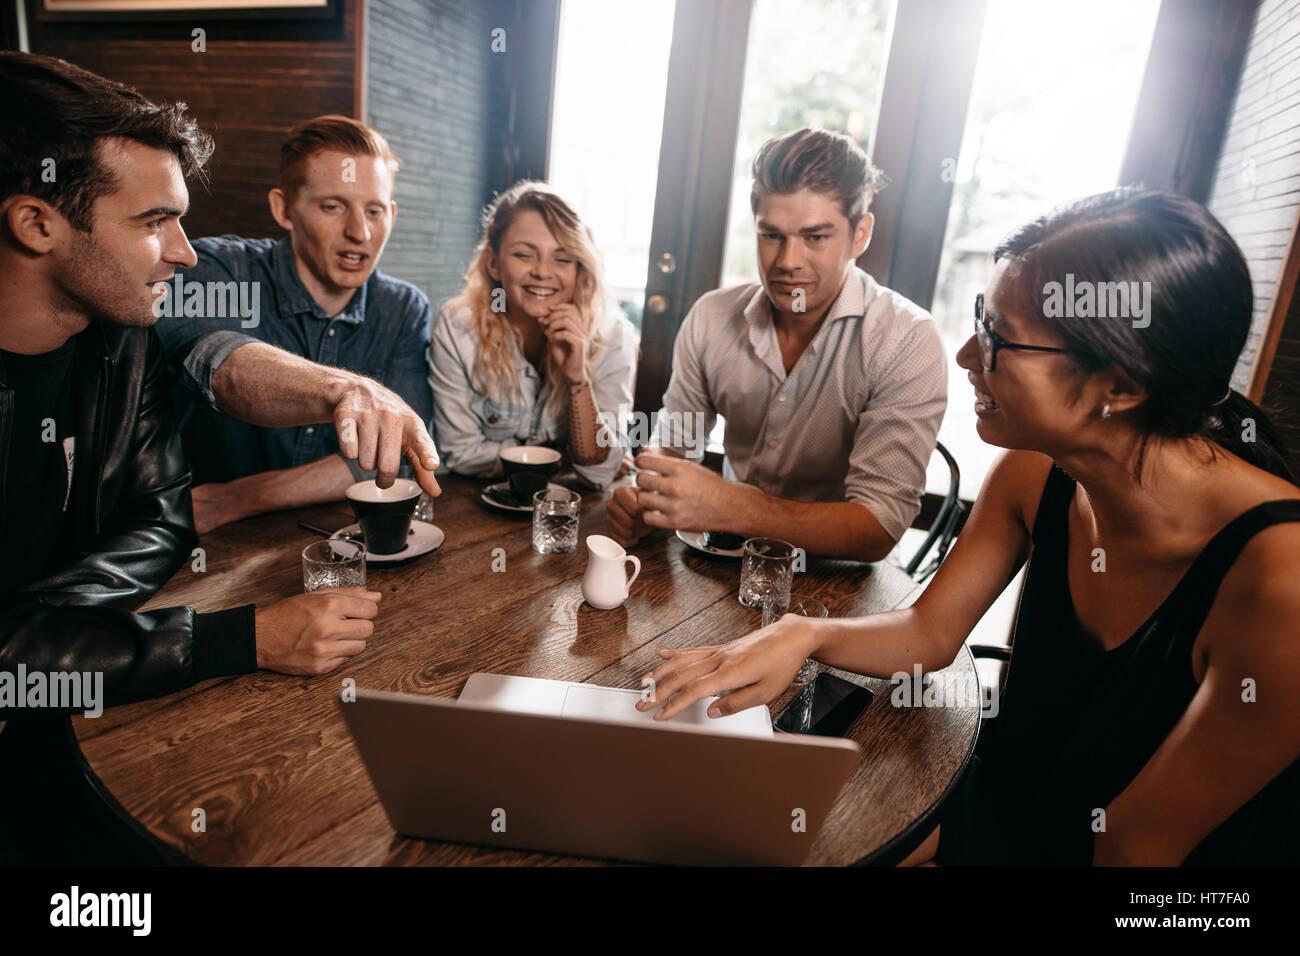 Grupo de jóvenes amigos sentado en el cafe con laptop y discutiendo. Los jóvenes, hombres y mujeres, mirando Imagen De Stock